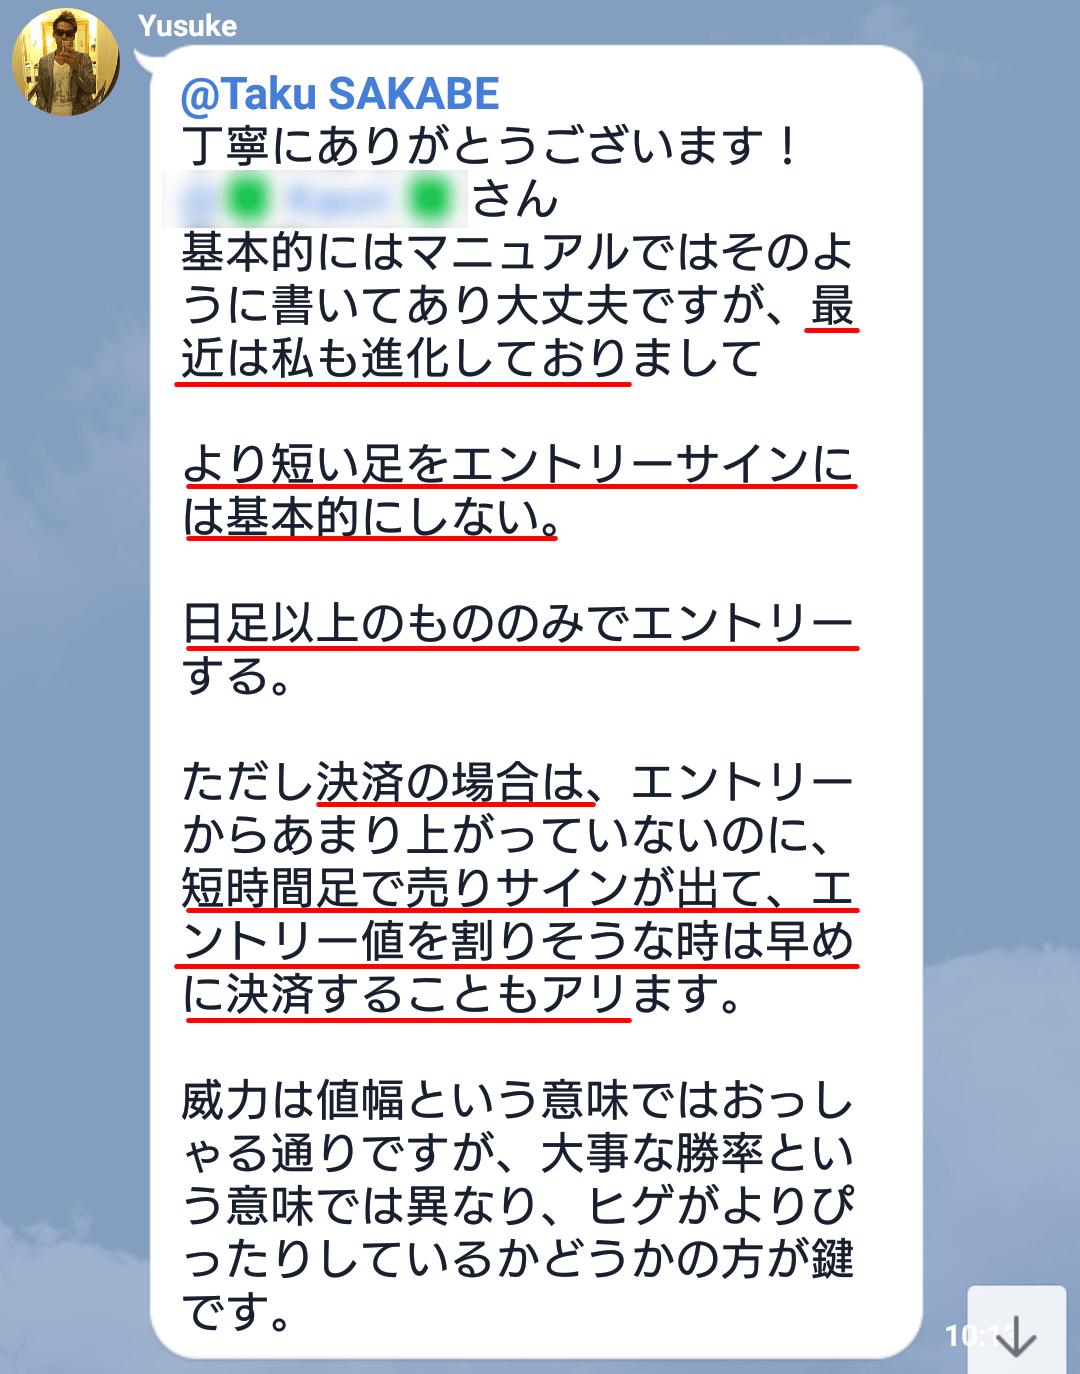 竹井さんの進化